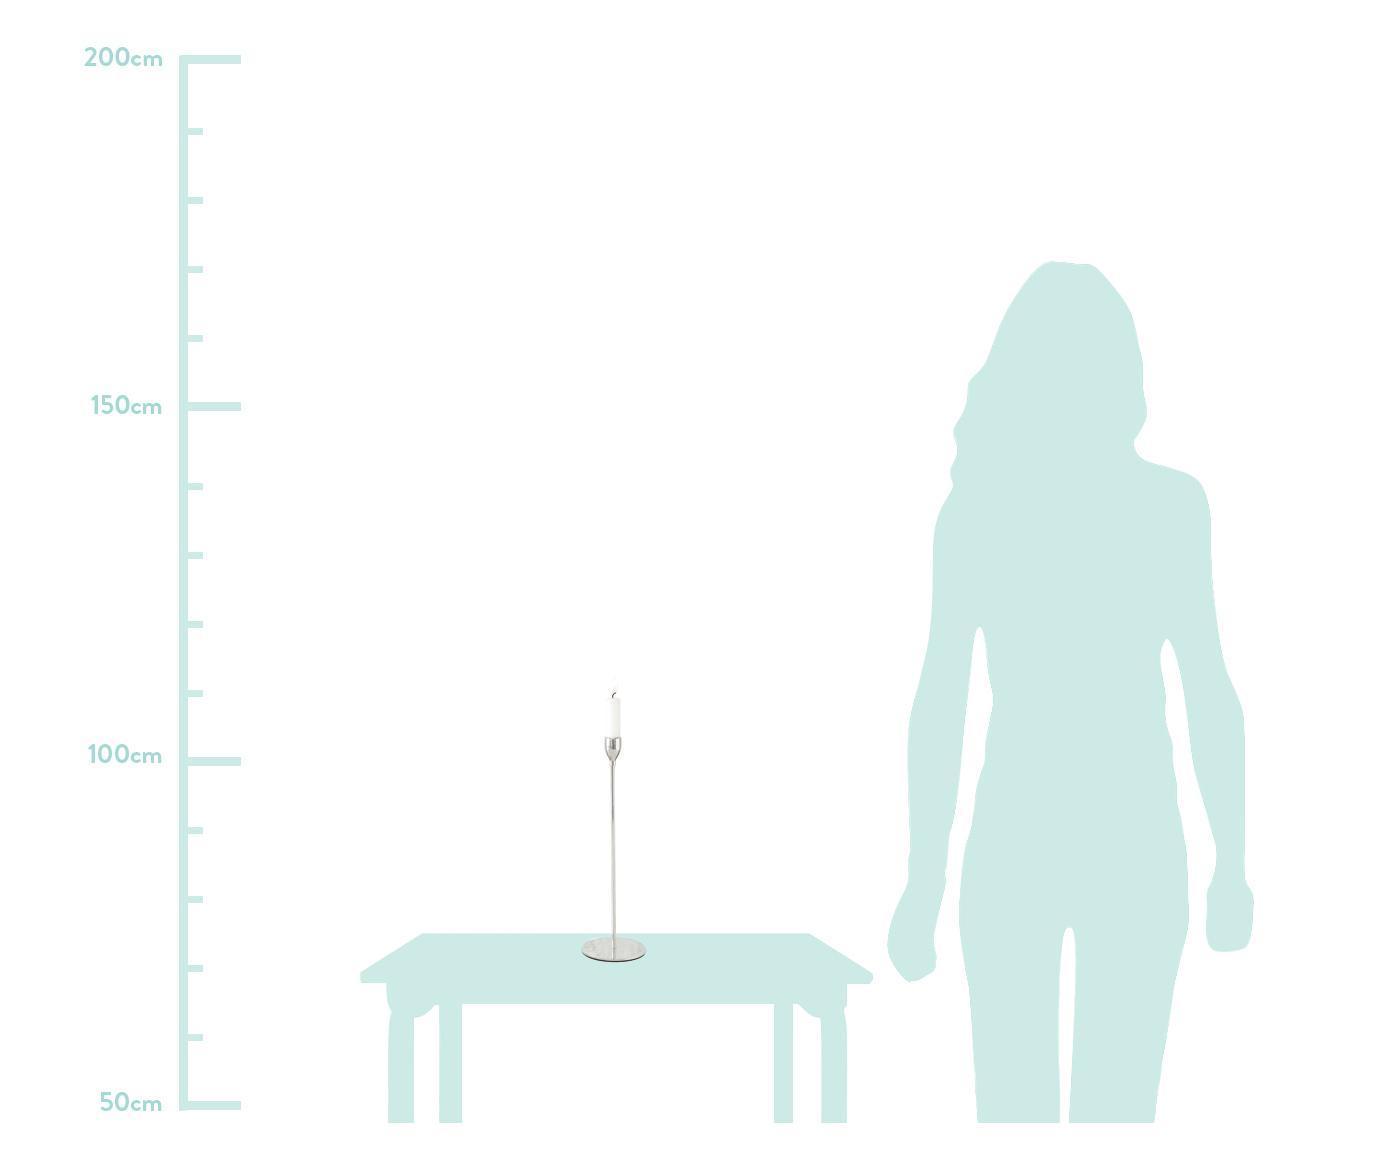 Kerzenhalter-Set Malte, 3-tlg., Metall, Metall, Sondergrößen